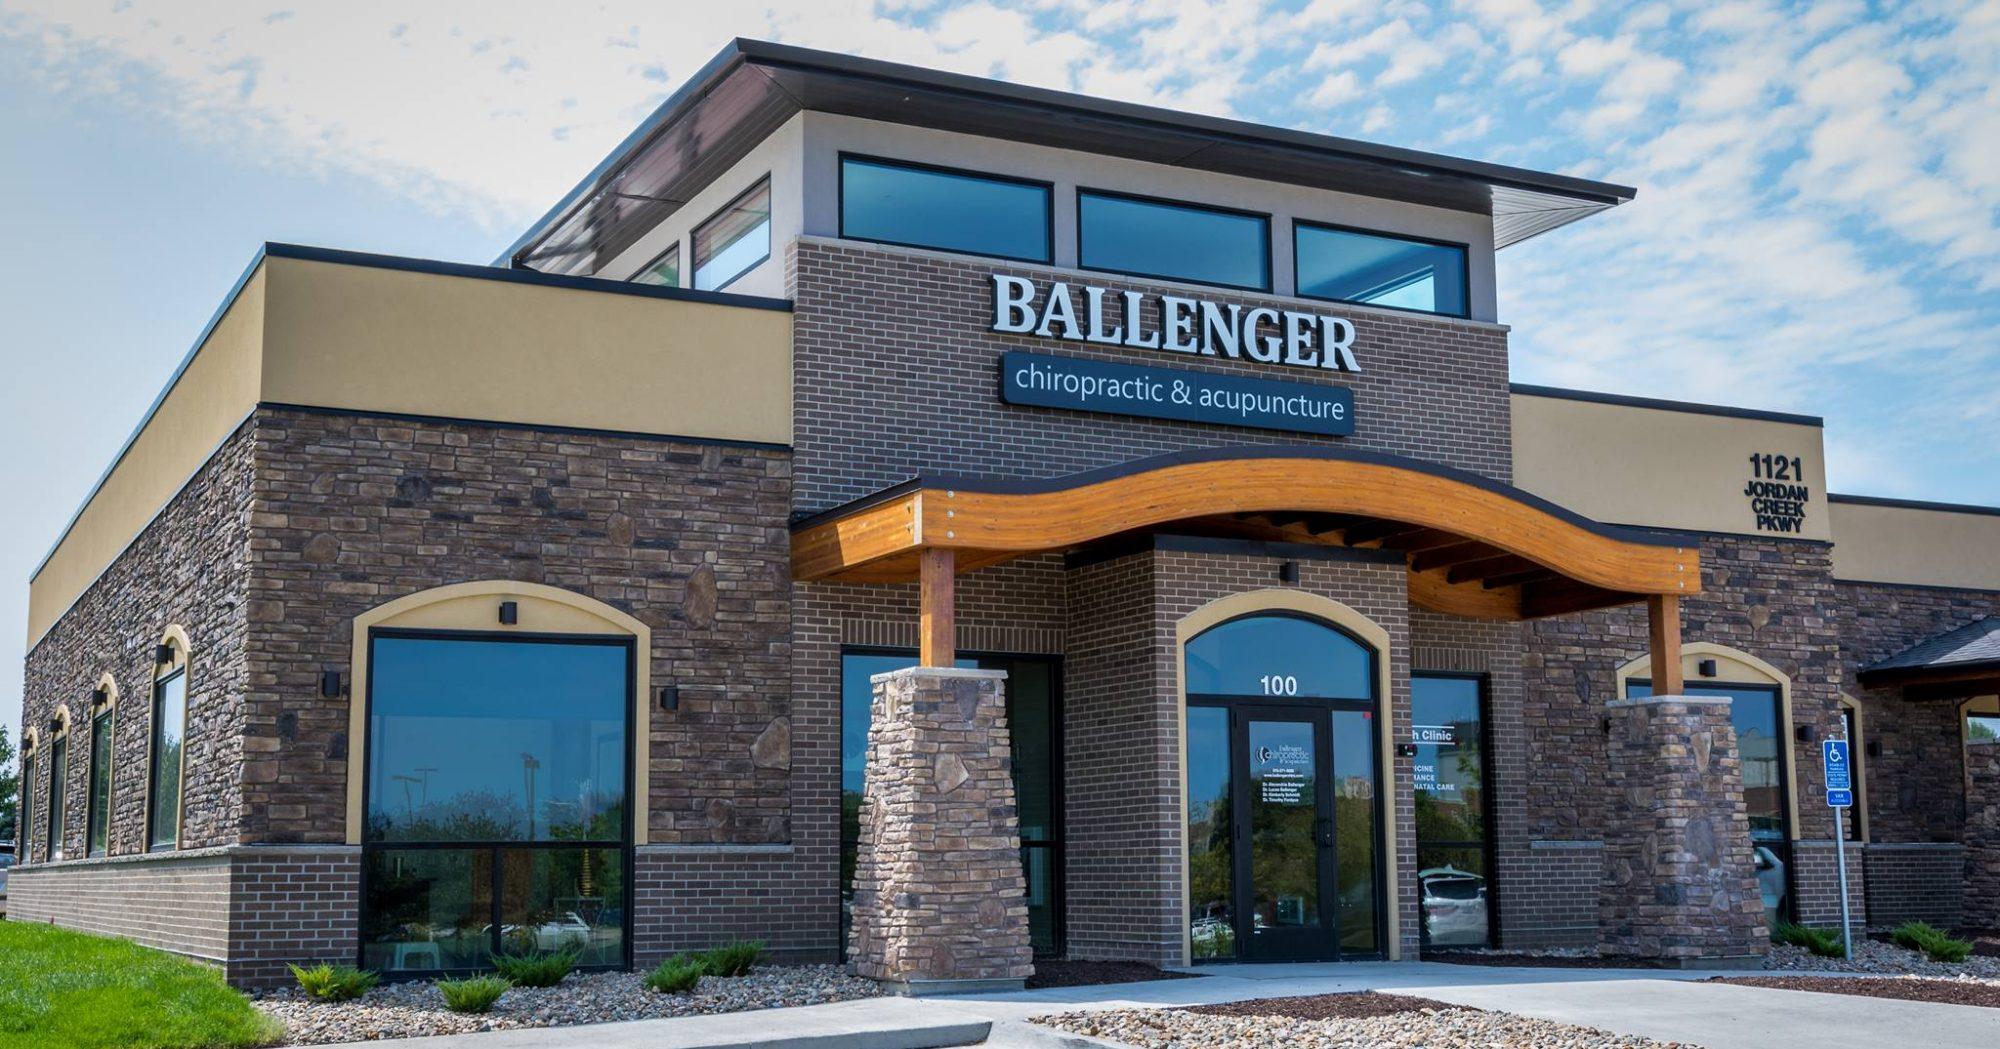 Ballenger Chiropractic & Acupuncture